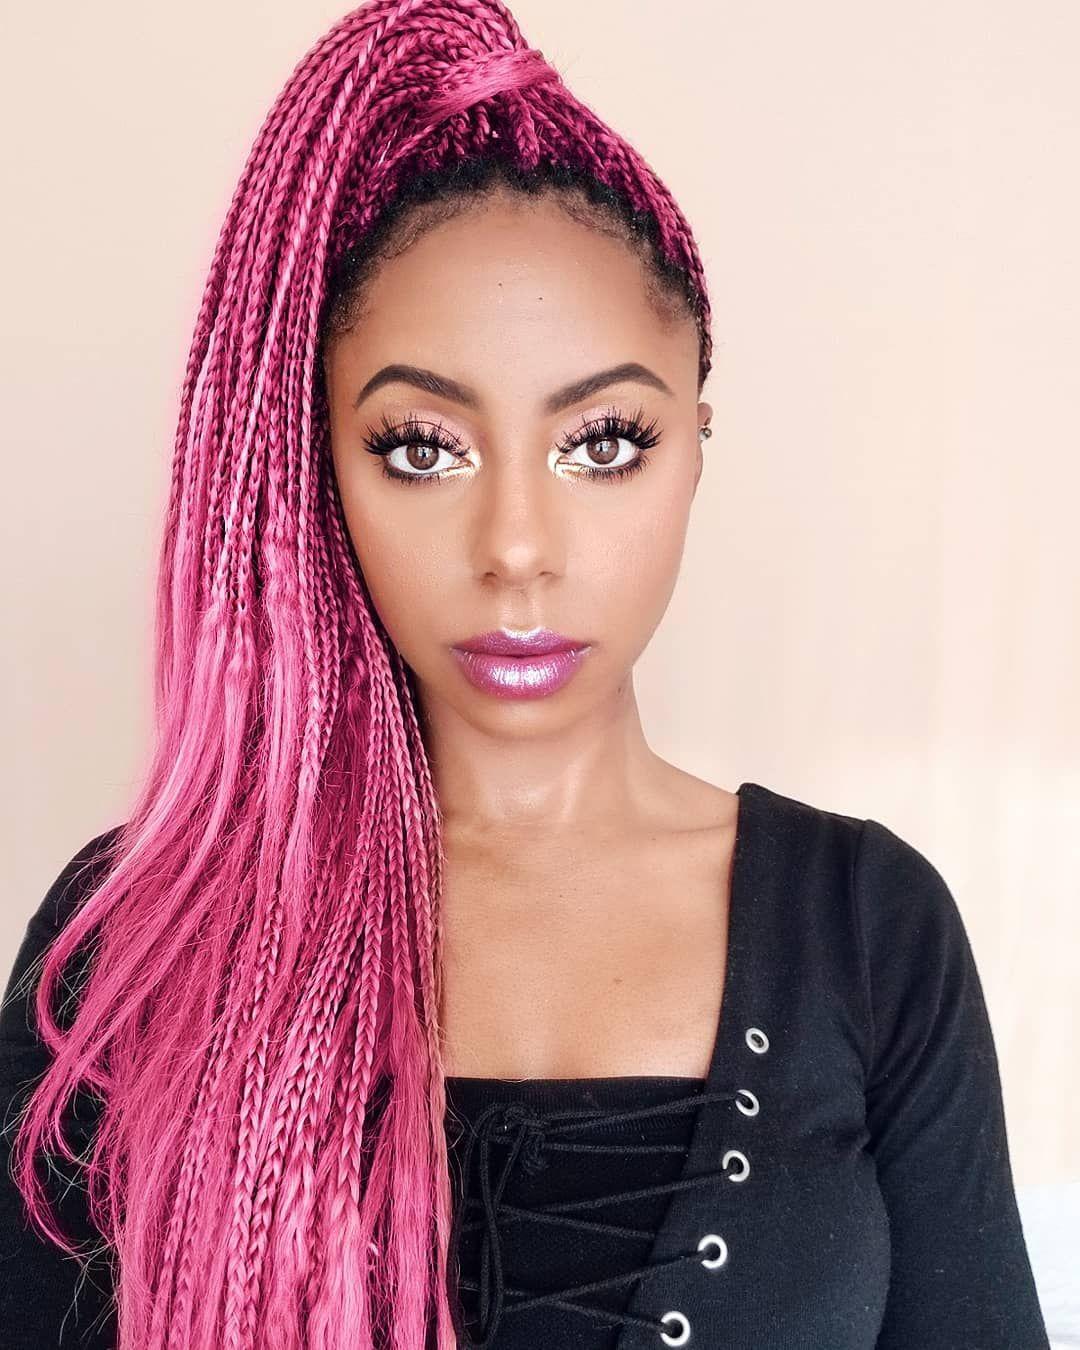 Frisuren 2020 Hochzeitsfrisuren Nageldesign 2020 Kurze Frisuren Geflochtene Frisuren Zopfe Afroamerikanerinnen